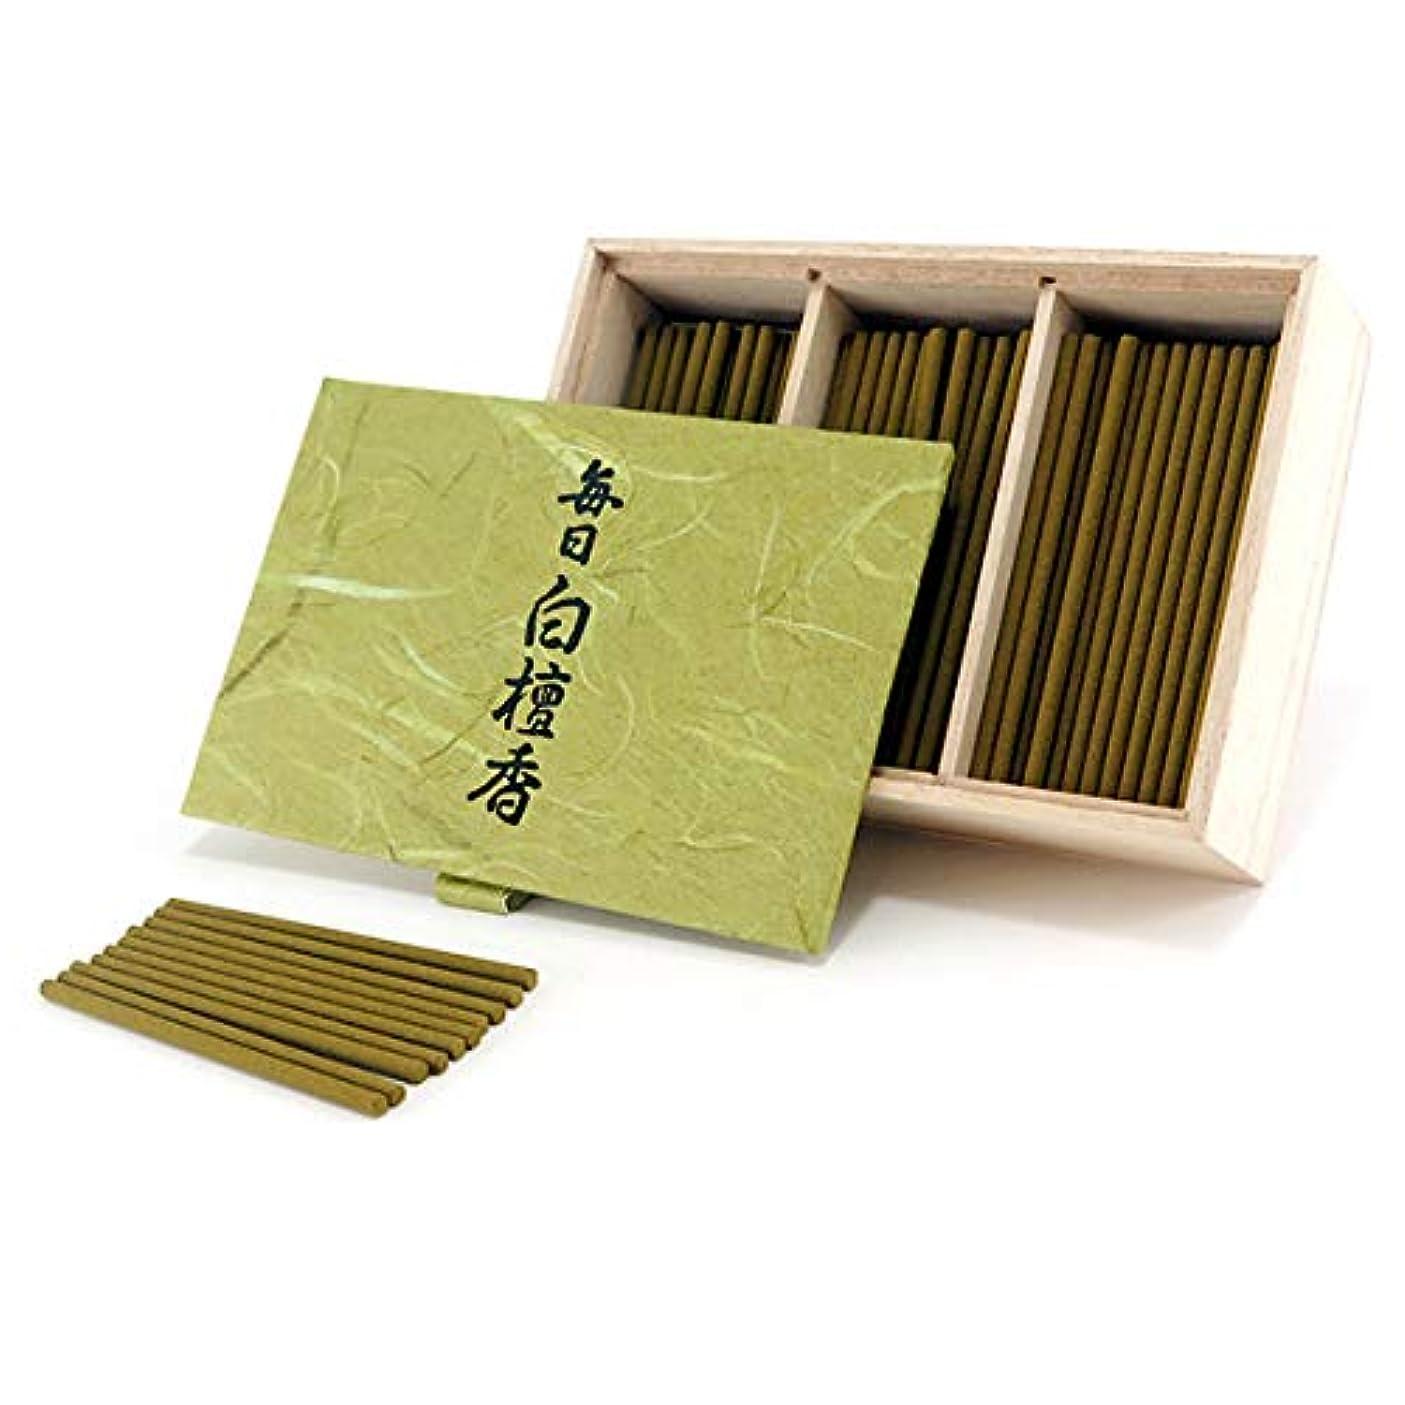 見捨てる説明的提供日本香堂のお香 毎日白檀香 スティックミニ寸お徳用150本入り